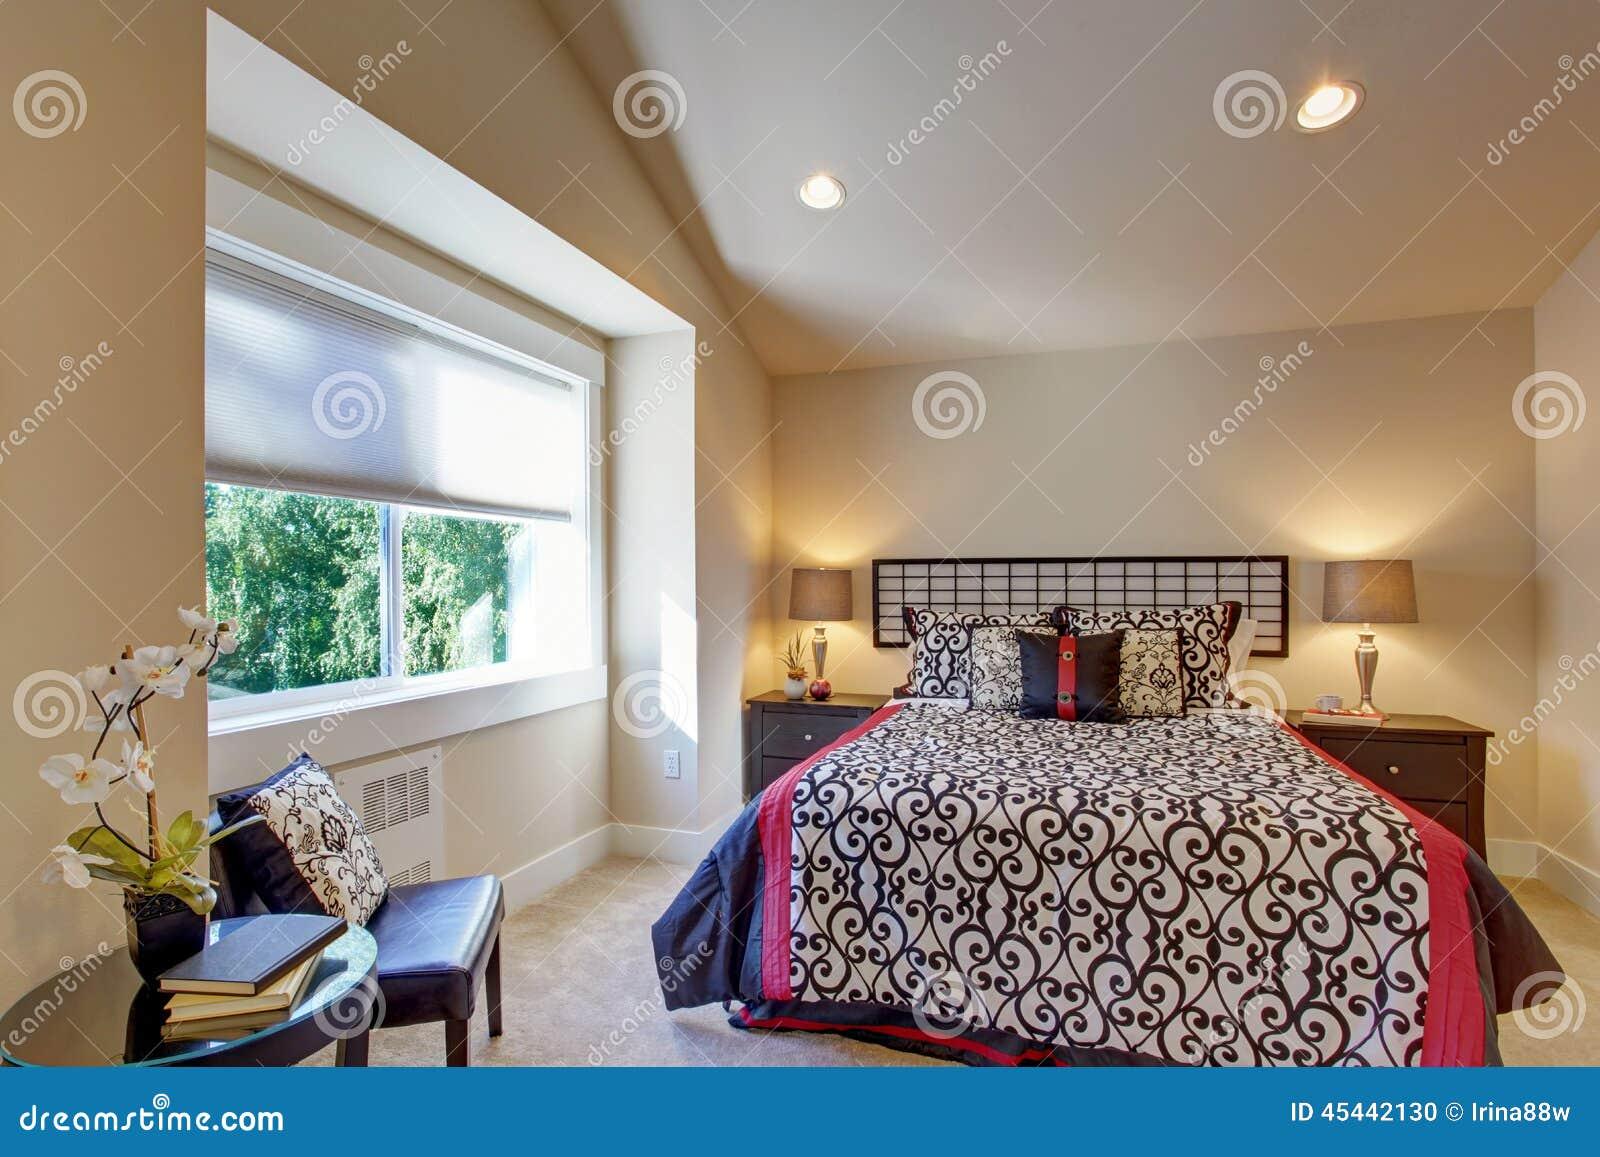 Decorazioni Camere Da Letto : Decorazione della camera da letto di stile giapponese fotografia